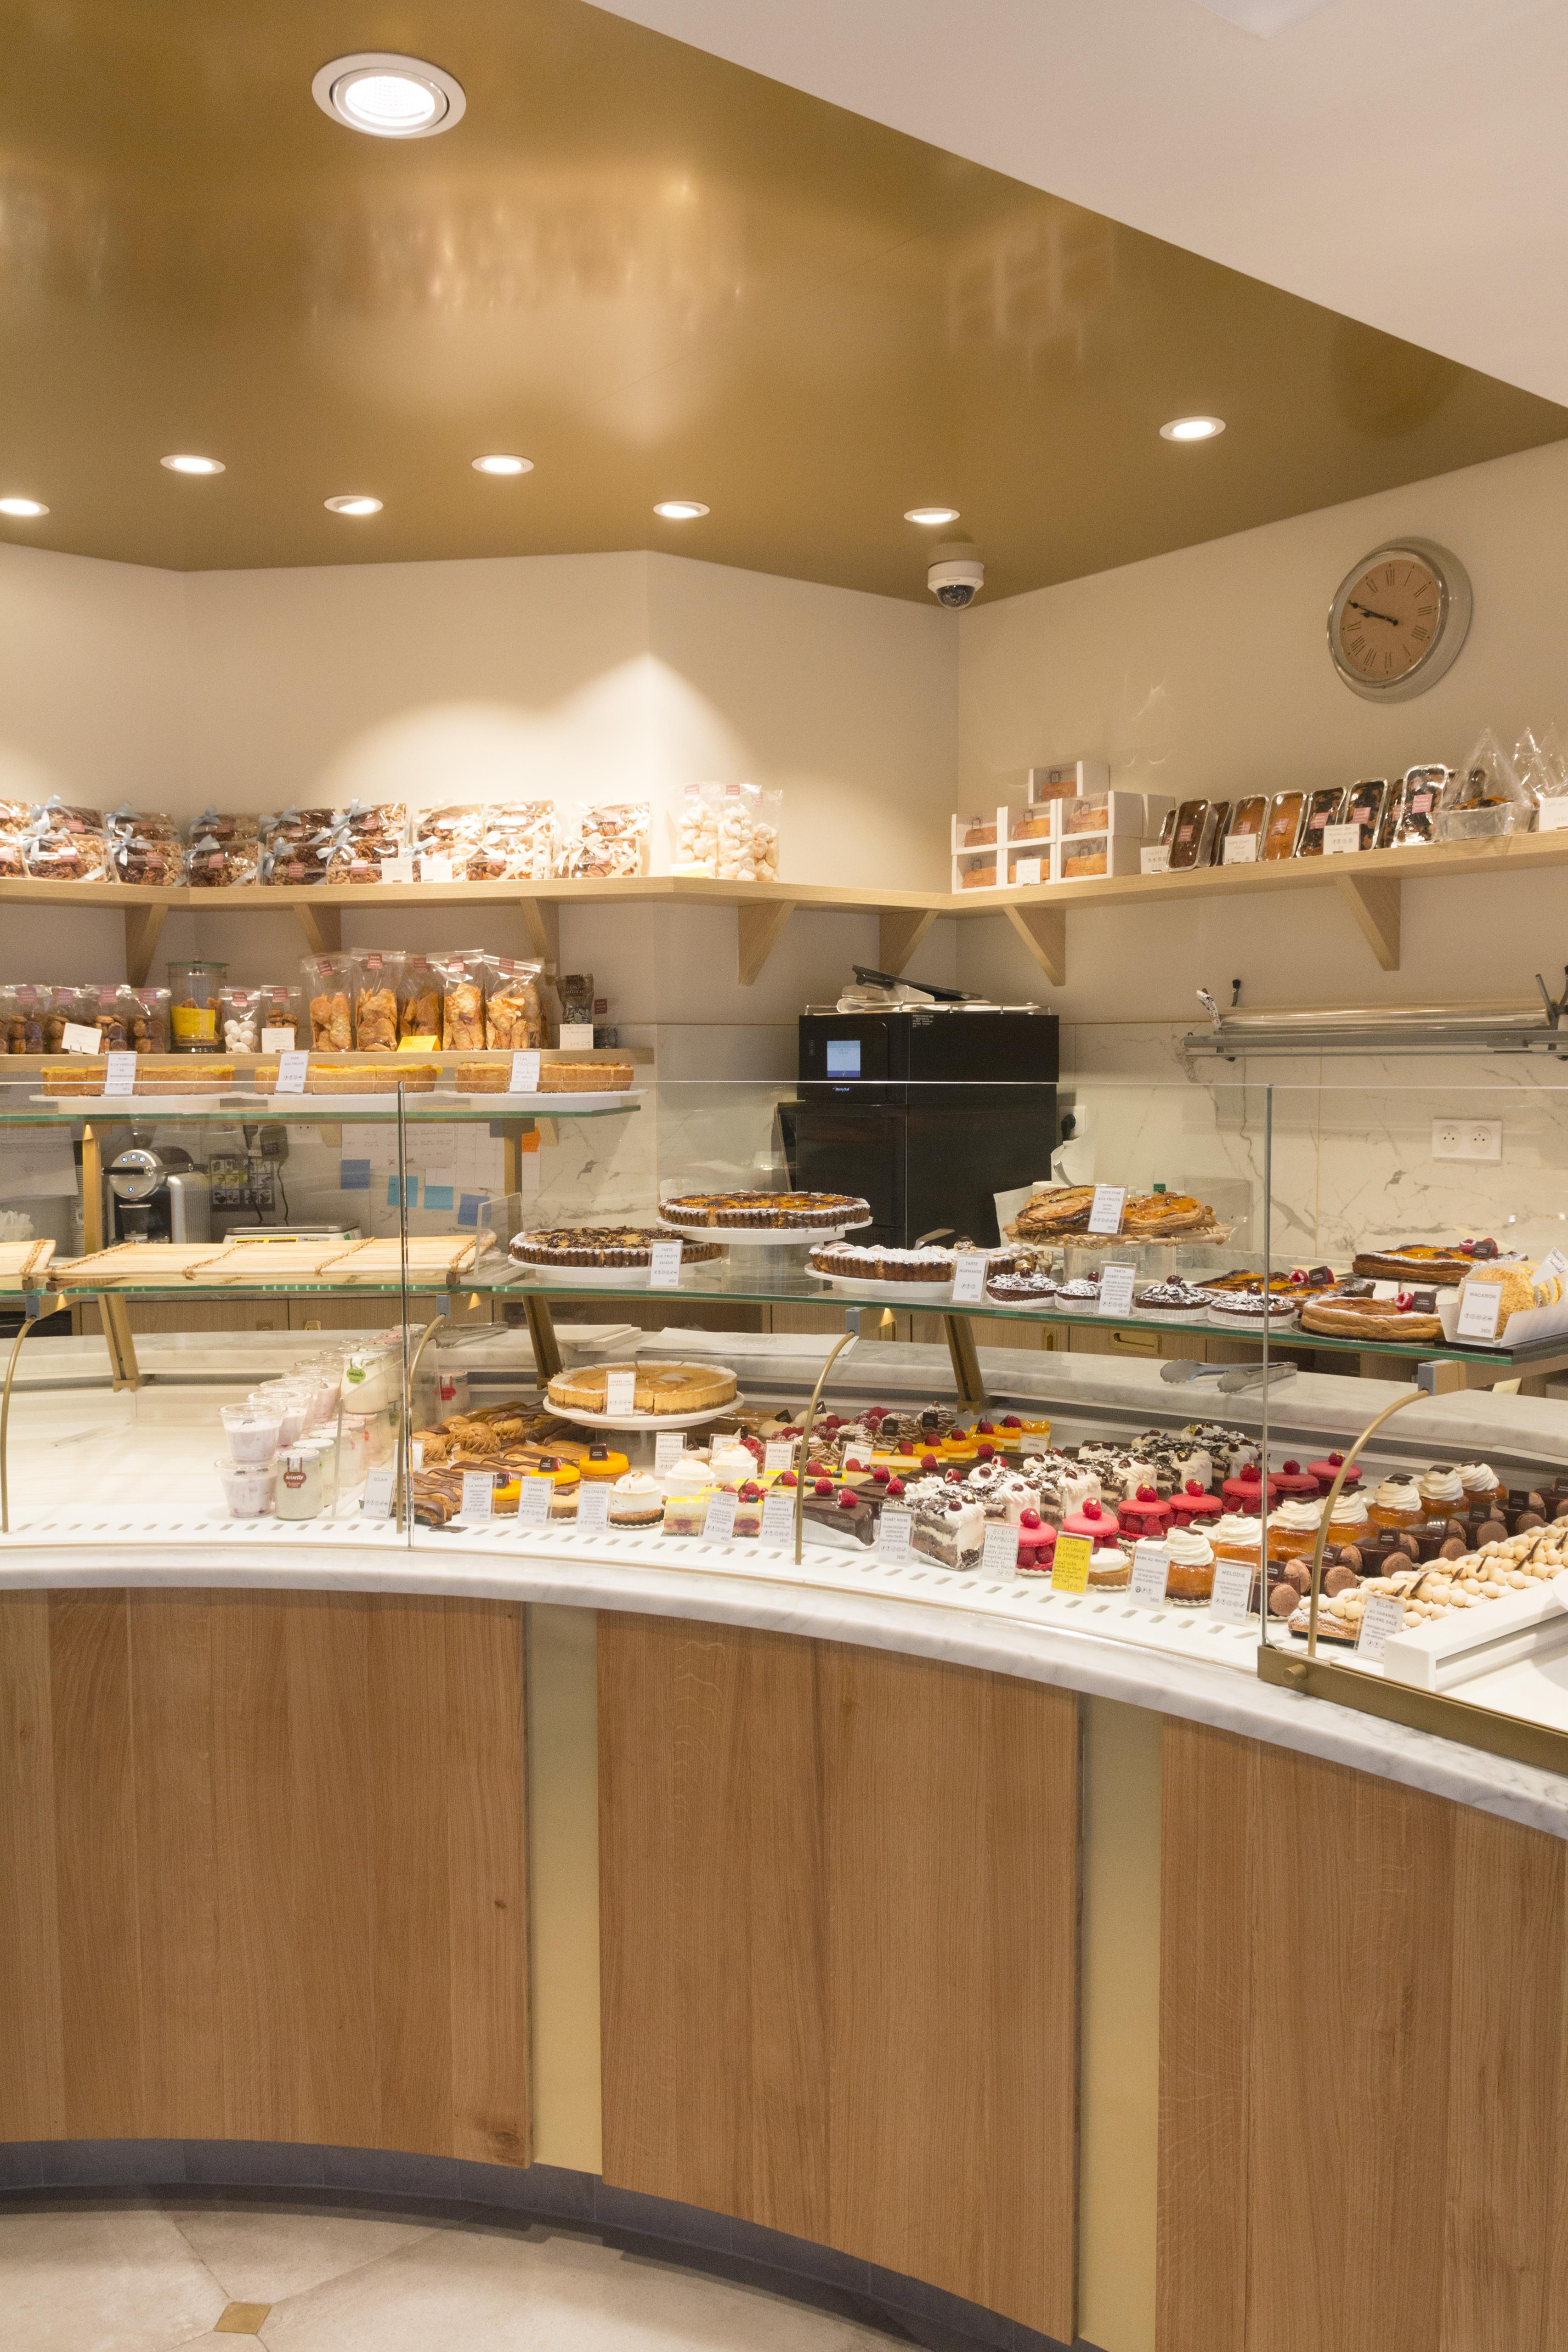 Maison Guerard, boulangerie pâtisserie vitrine sous bassement bis et or plafond doré mur blanc conçu par pep's creation